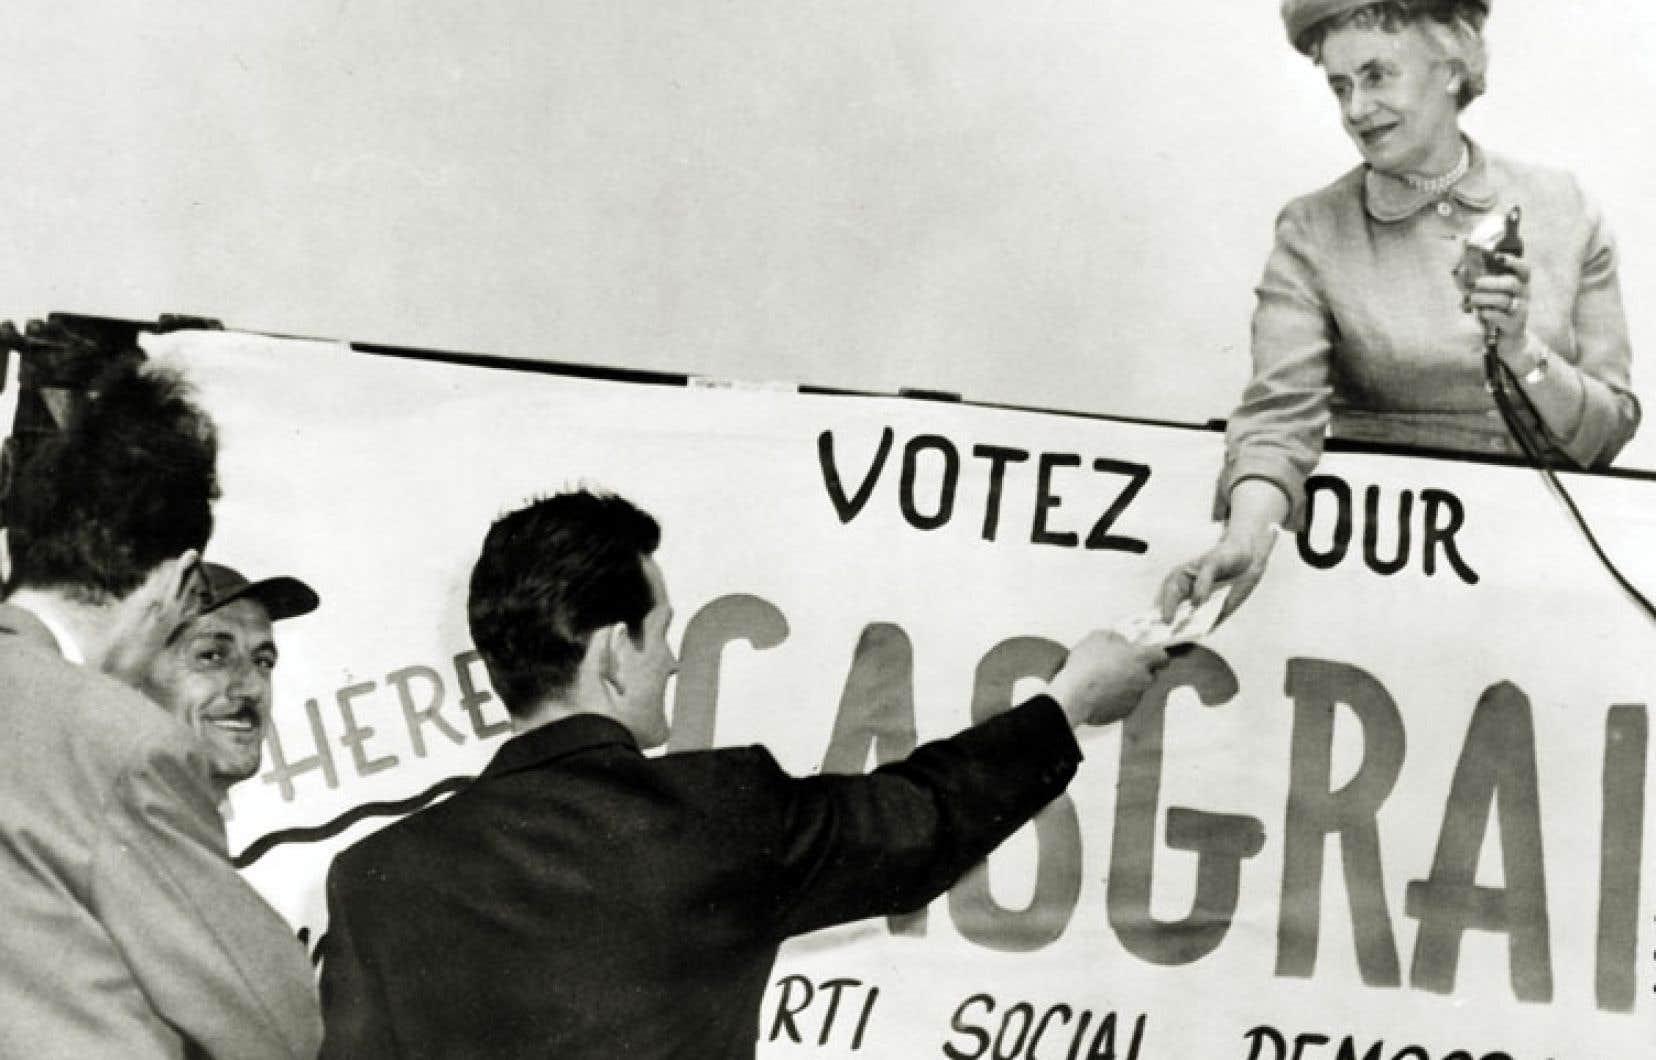 Thérèse Casgrain a été notamment candidate aux élections fédérales pour le Parti social démocratique au cours des années 1950.